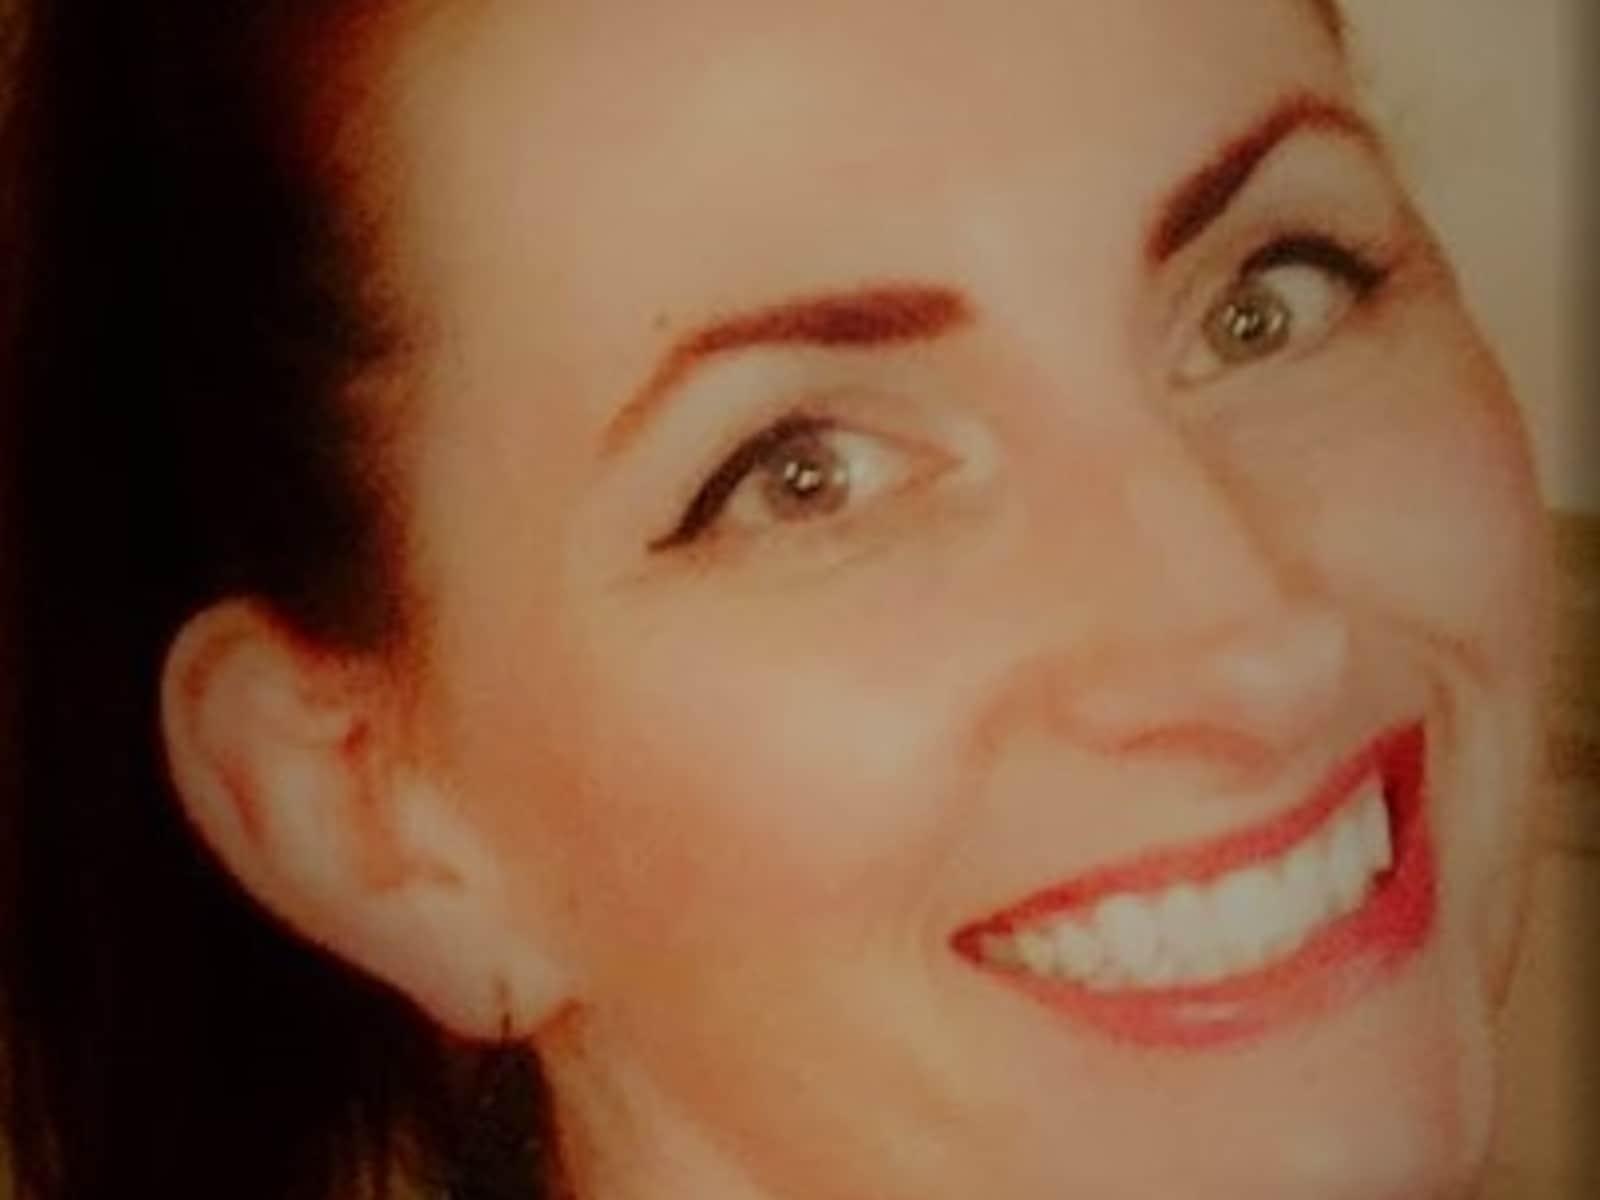 Melanie from Seattle, Washington, United States